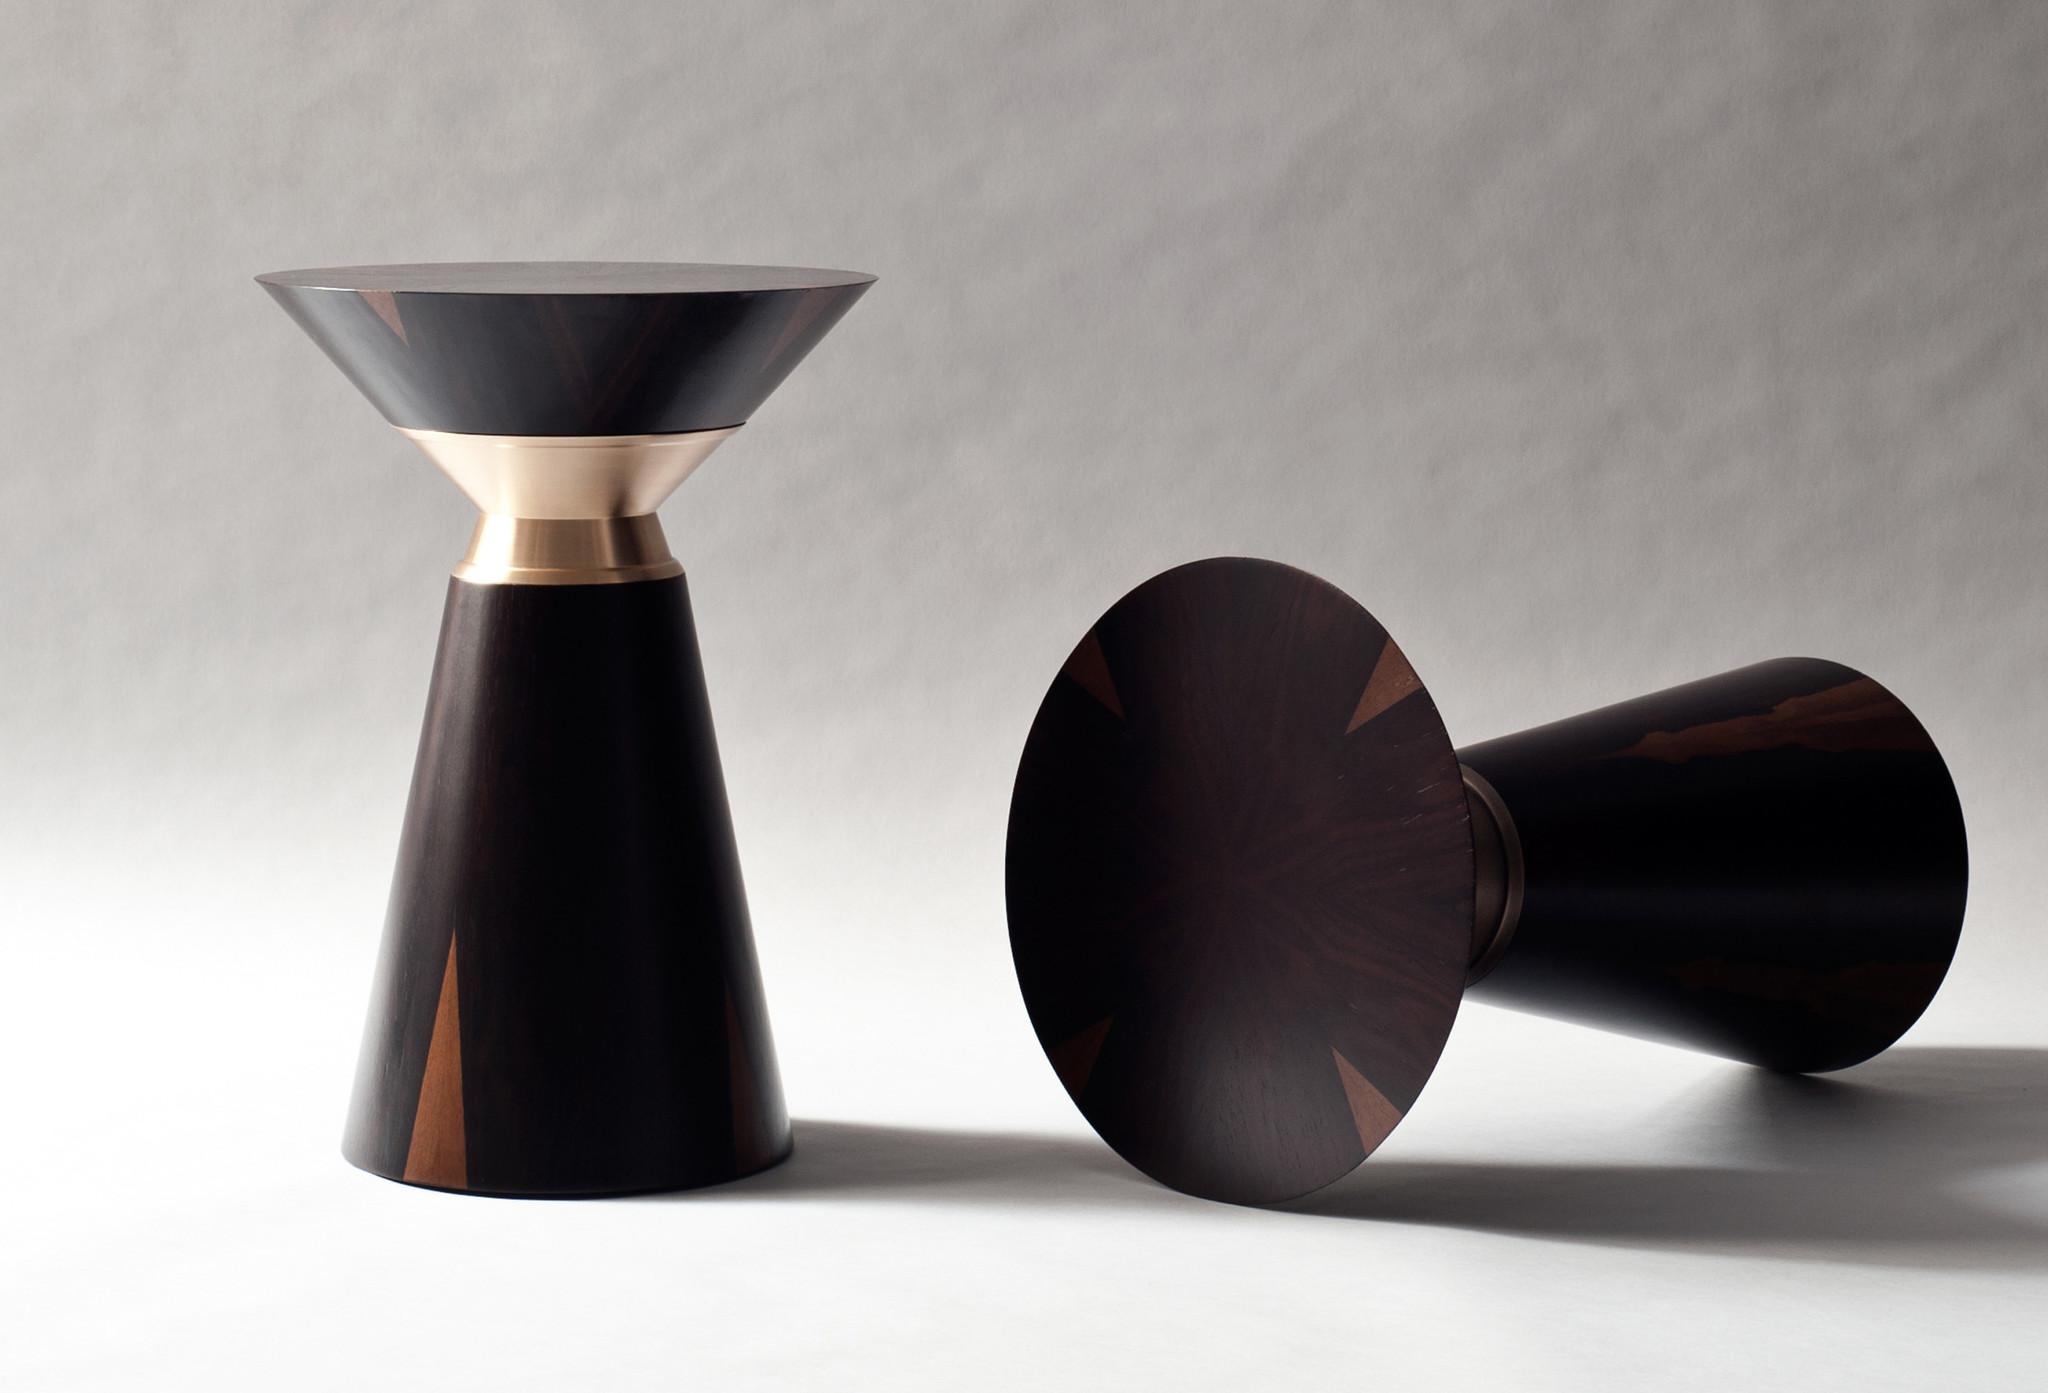 Demuro Das Bolo Side Table in Ziricote